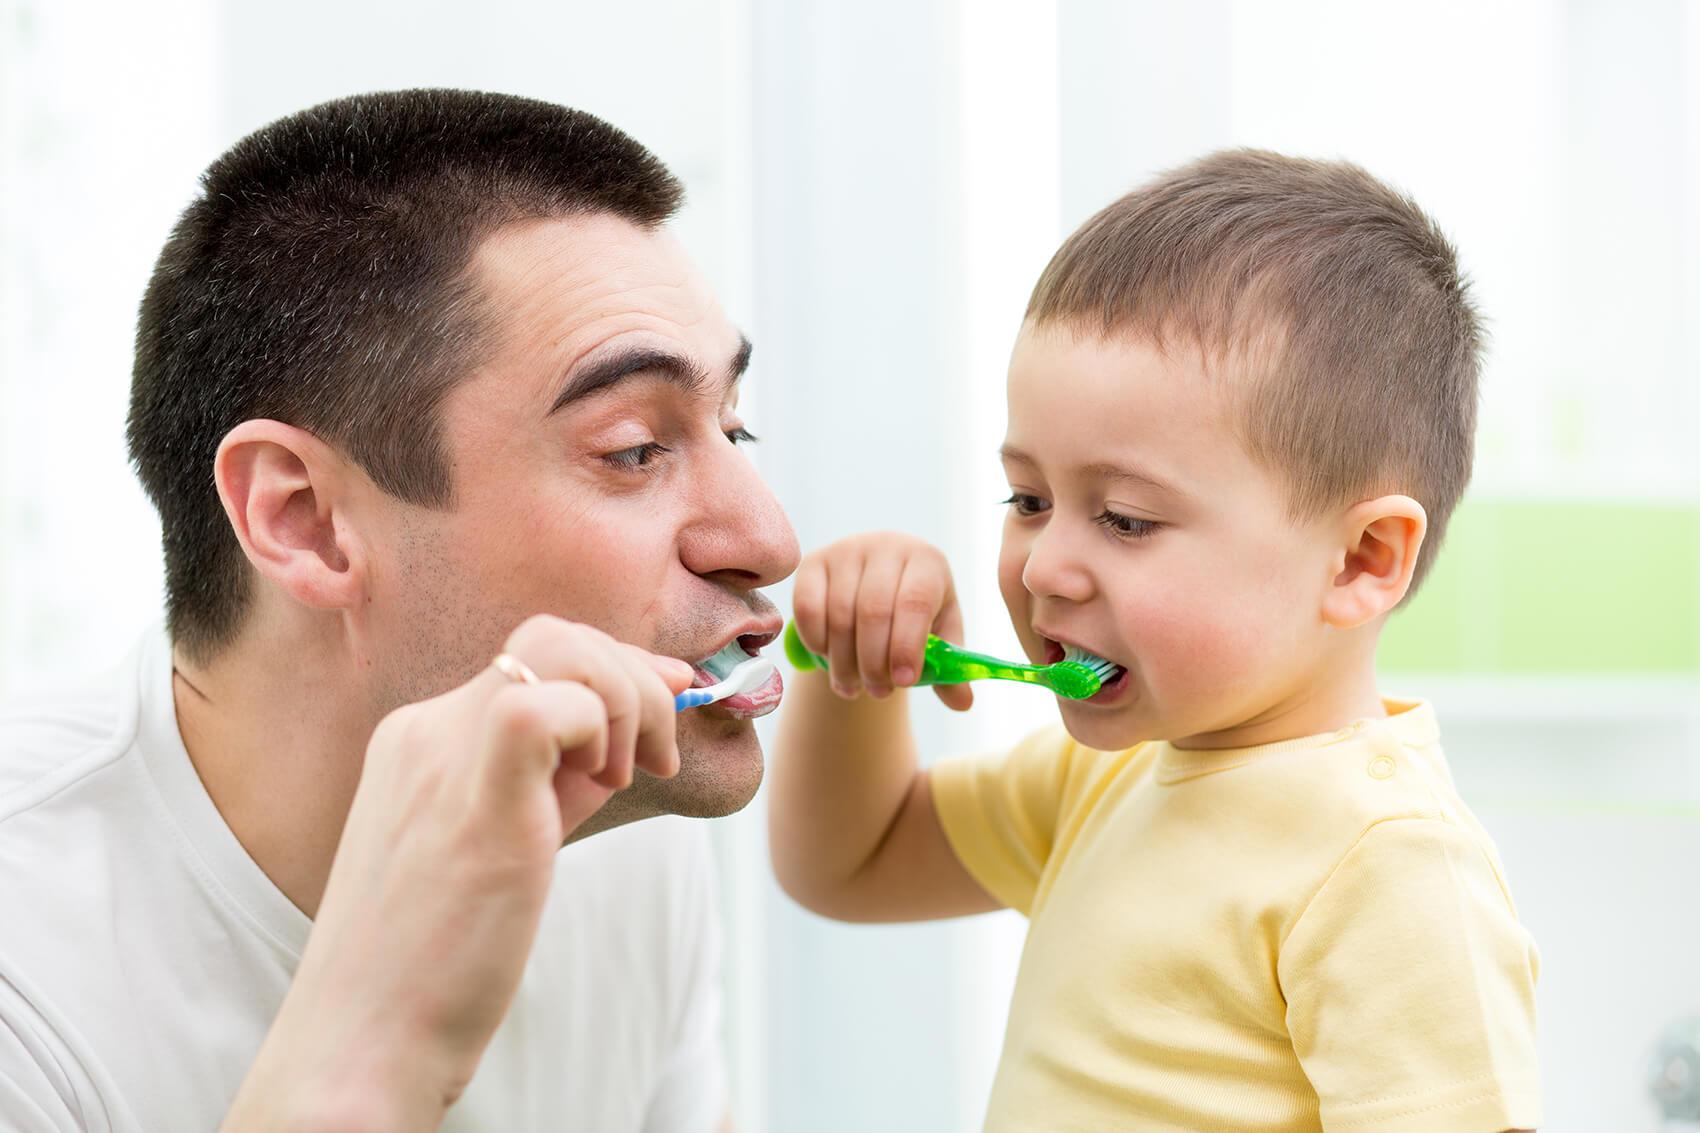 Skrb za ustno zdravje otroka